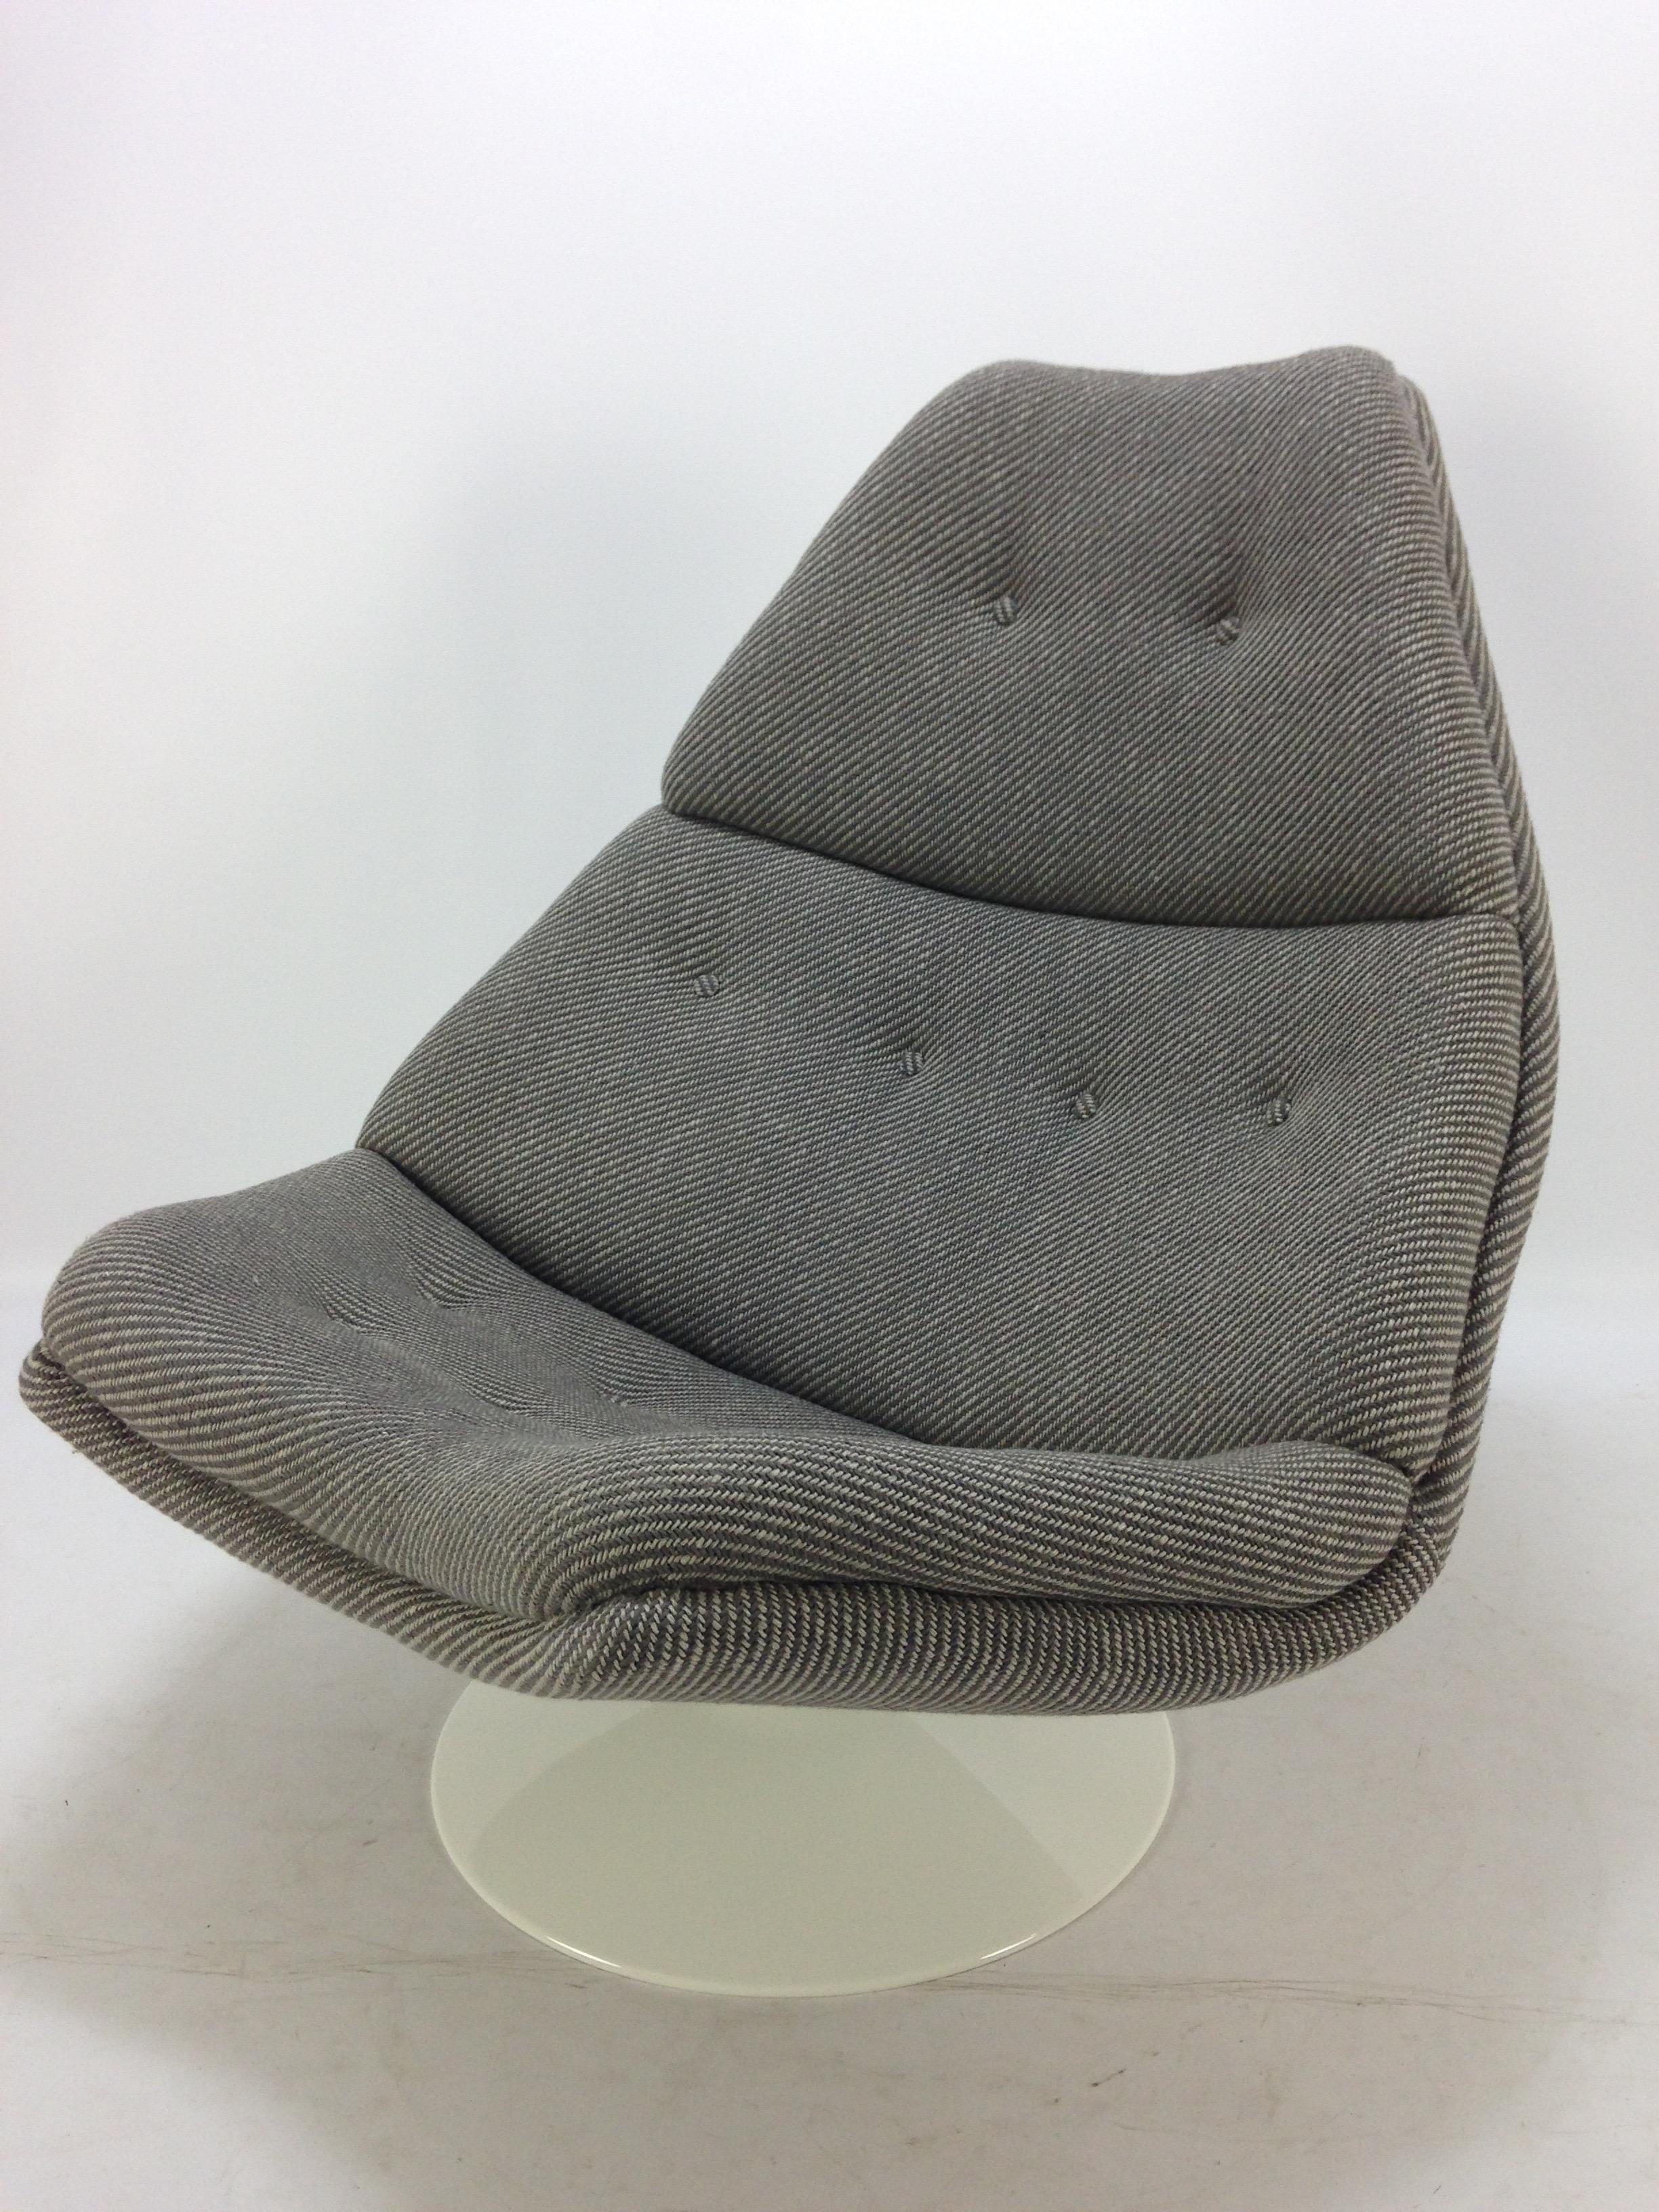 Artifort F510 Lounge Chair by Geoffrey Harcourt